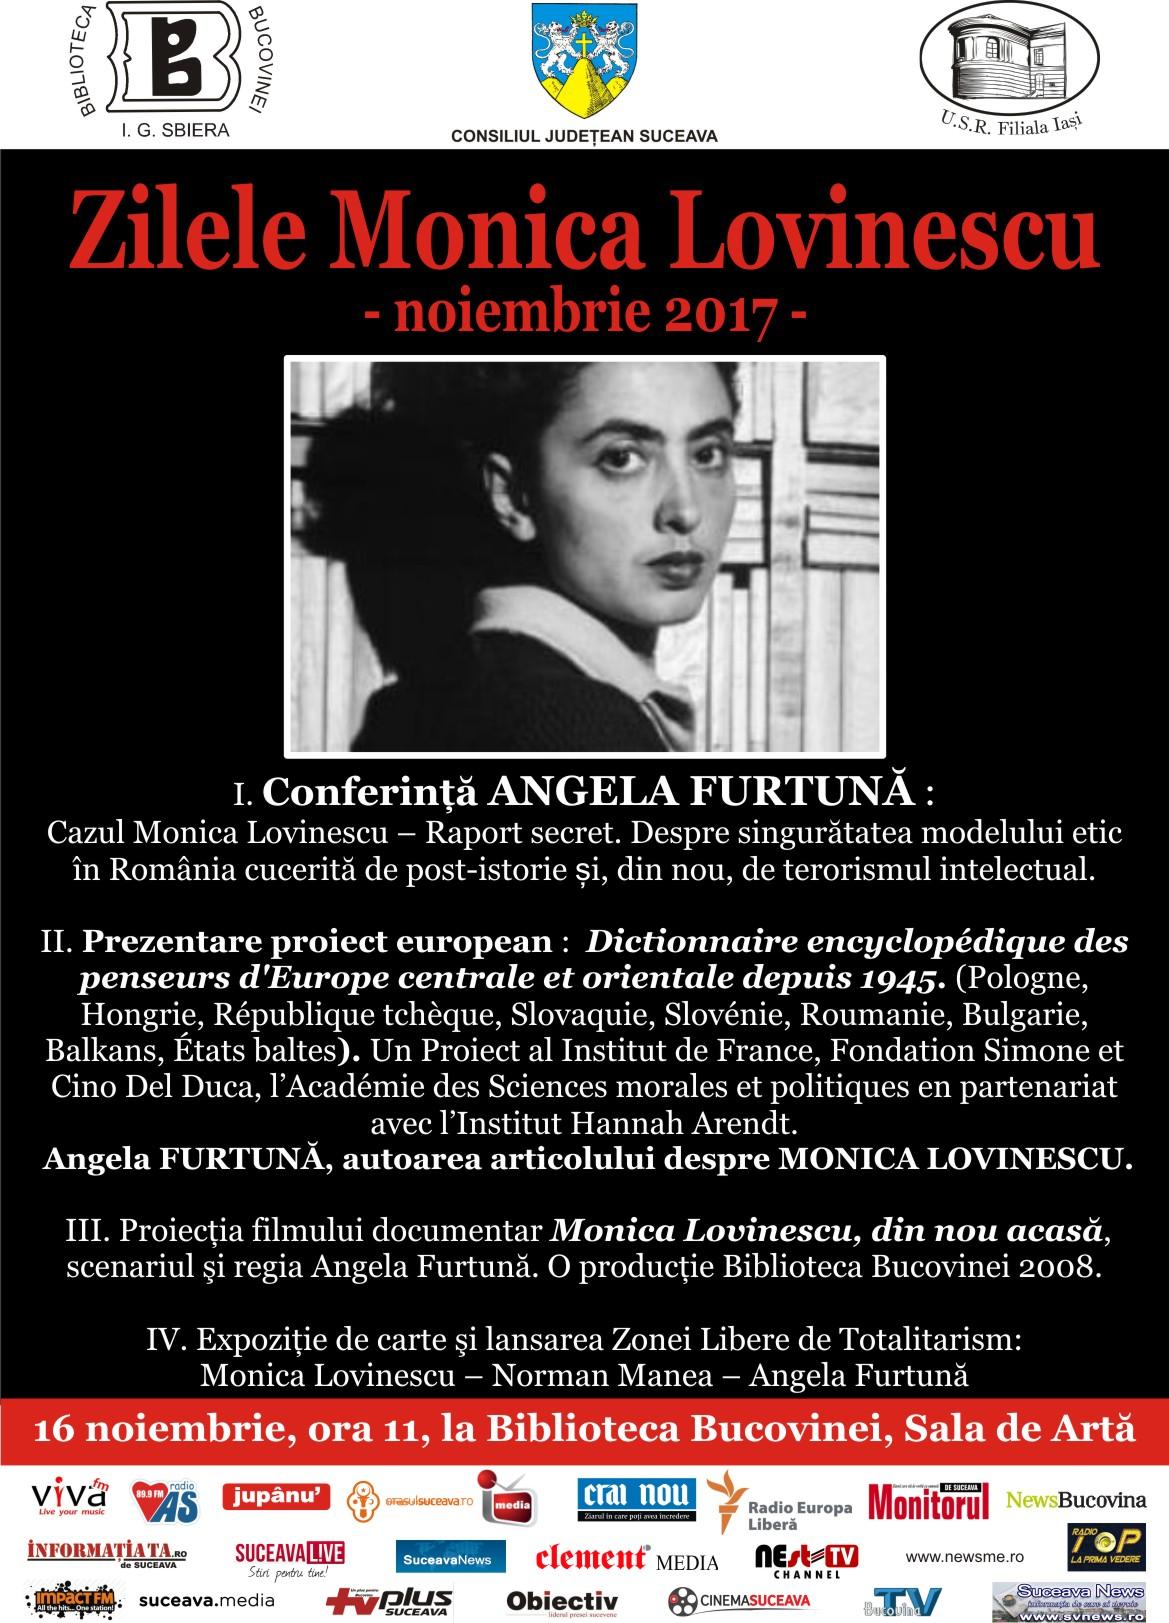 Zilele Monica Lovinescu